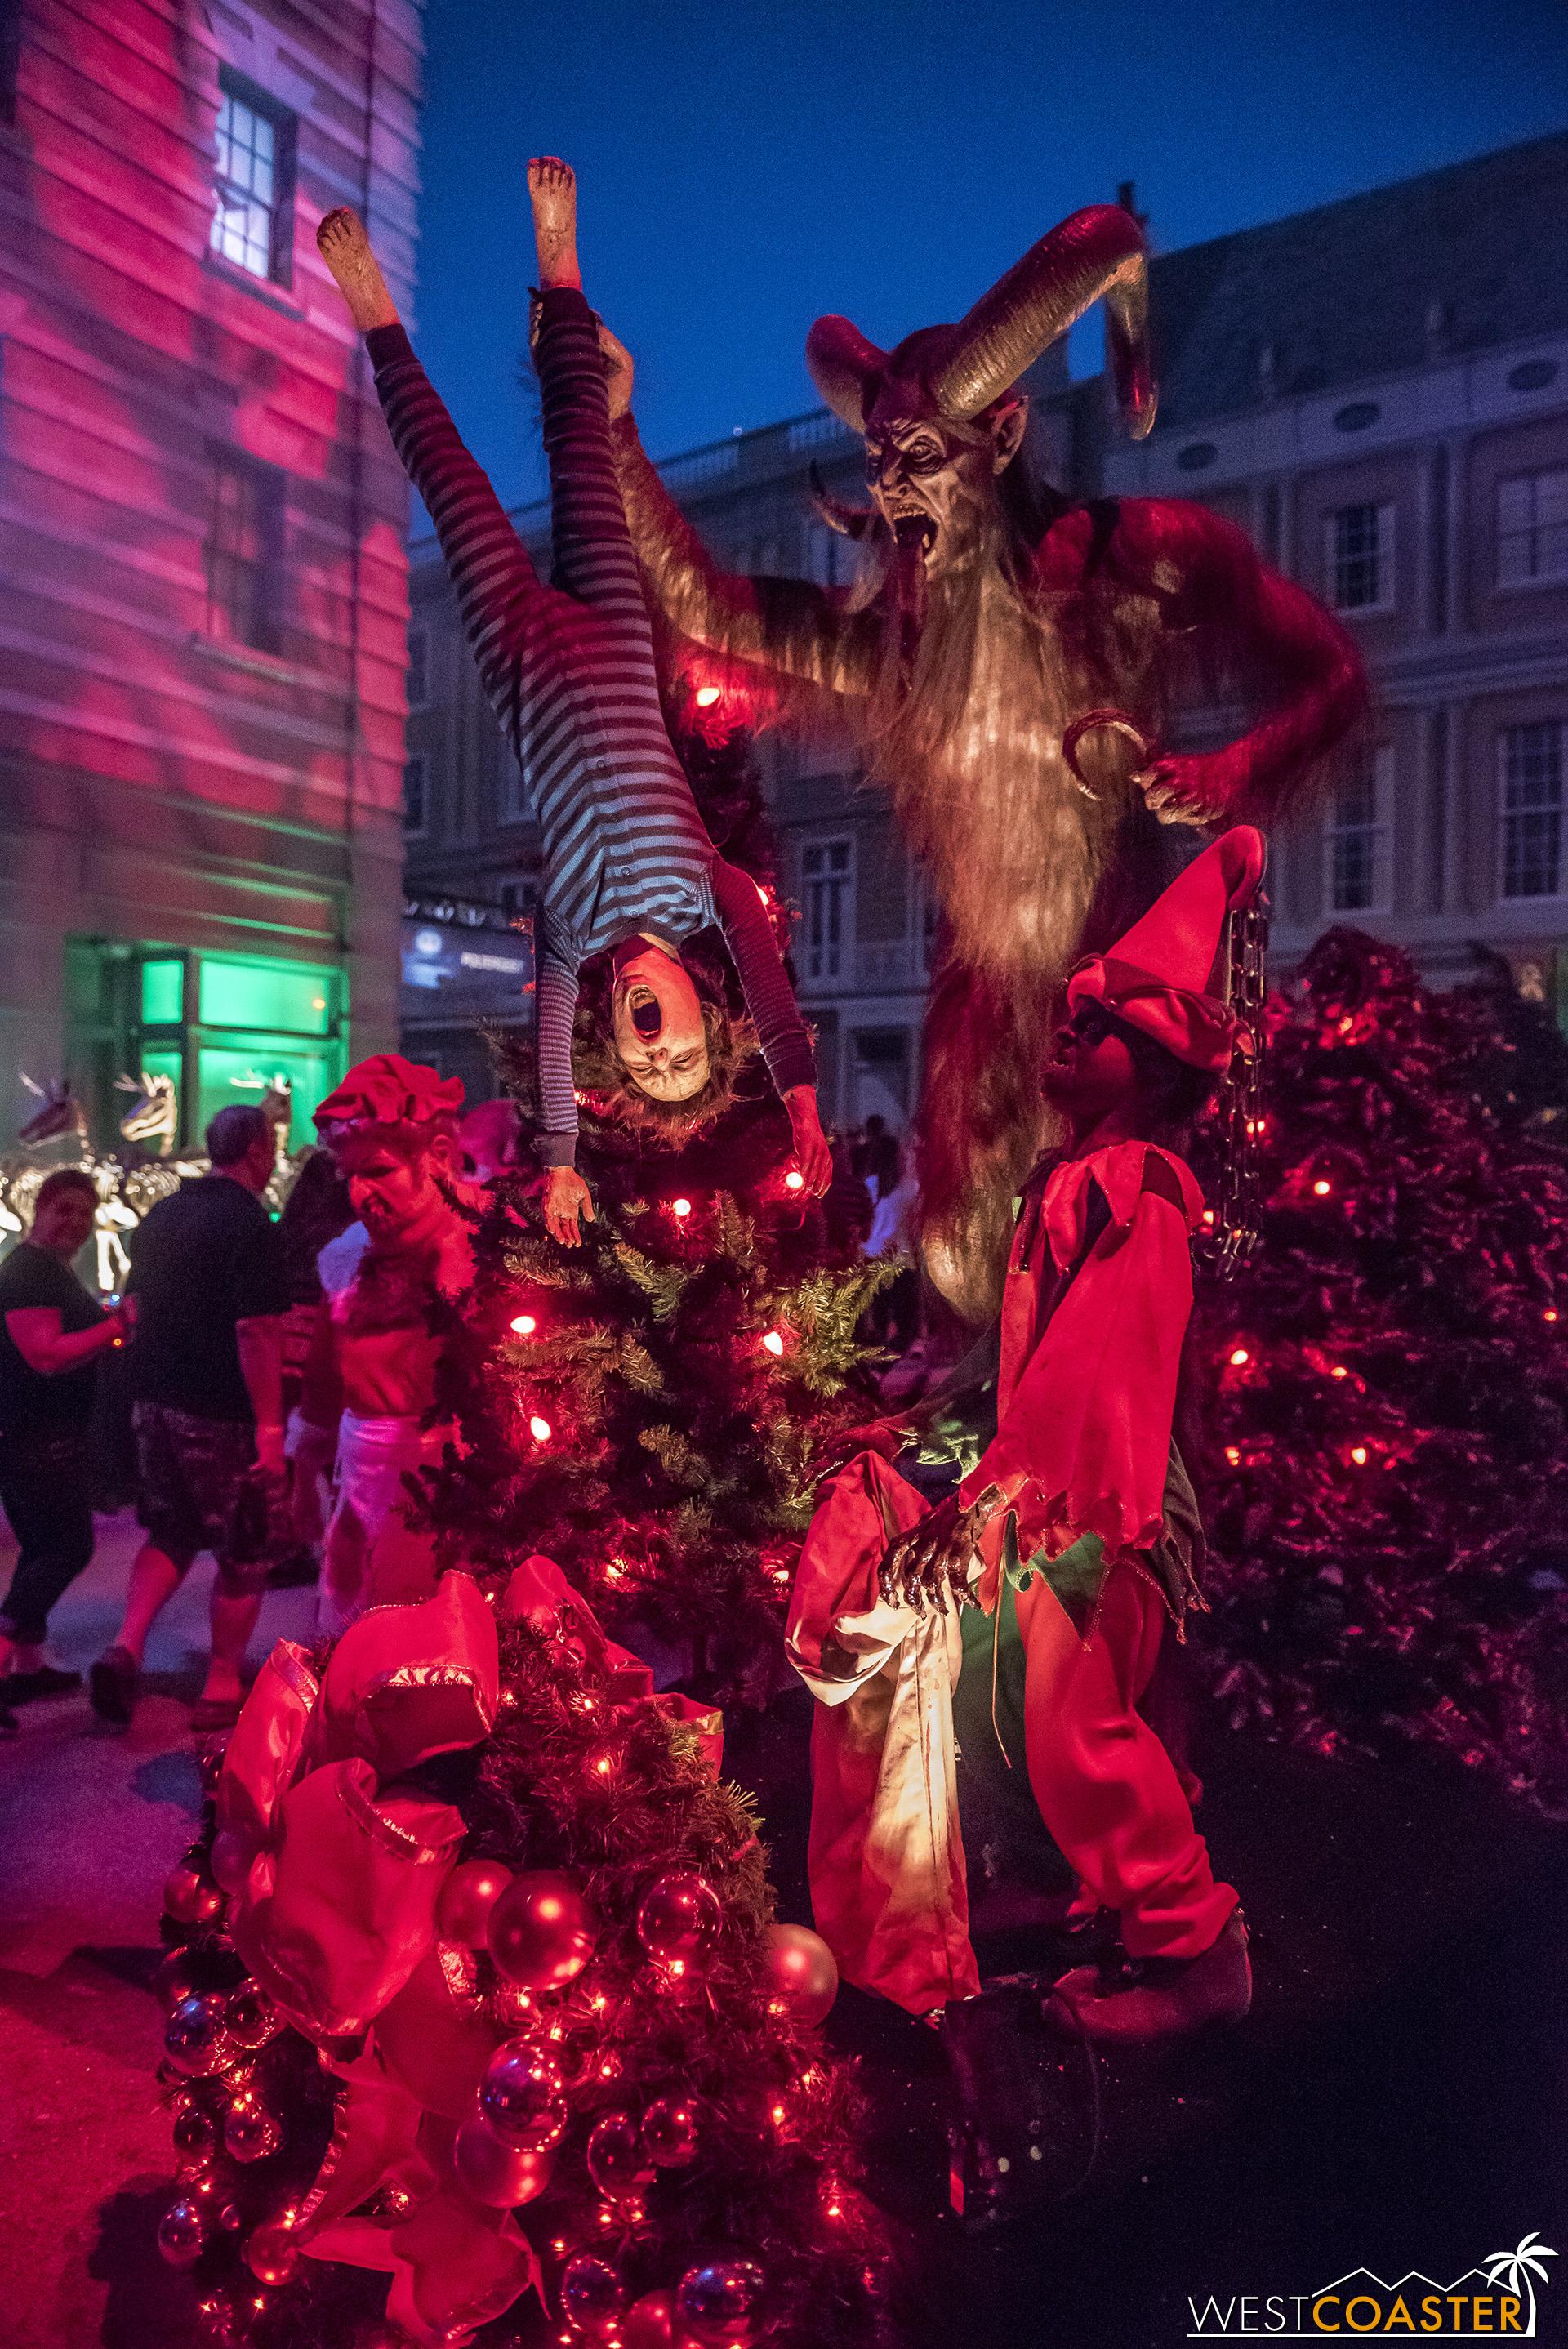 And finally, Christmas! Dark Christmas.